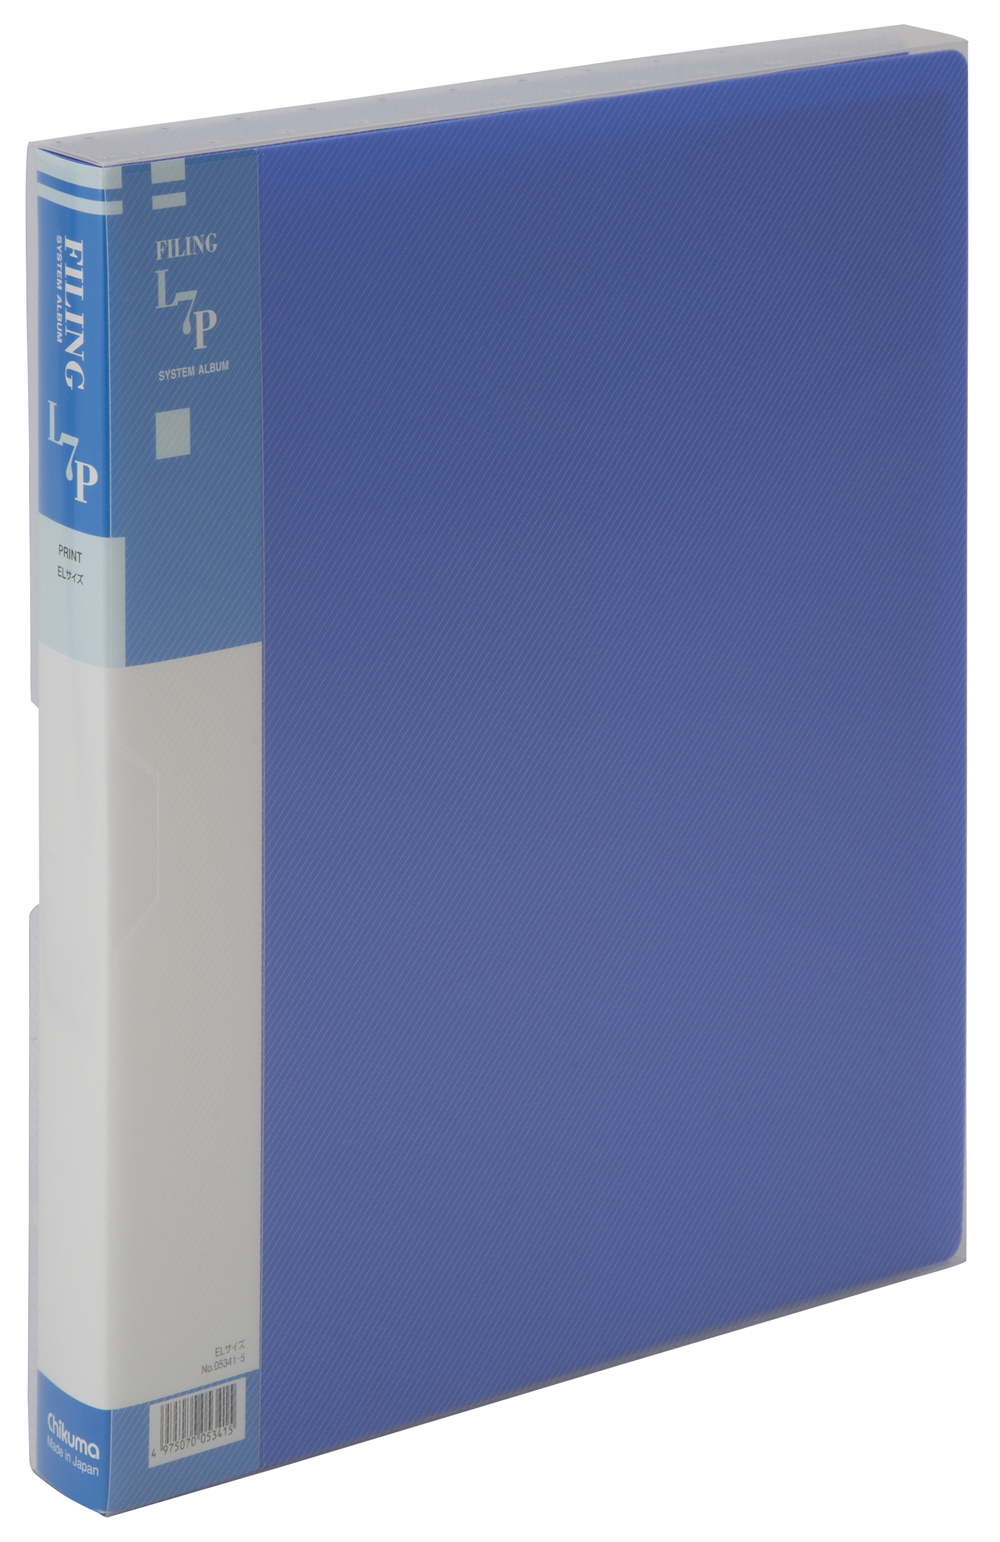 ファイリングシステムアルバム L7P L判用 青 台紙11枚入り